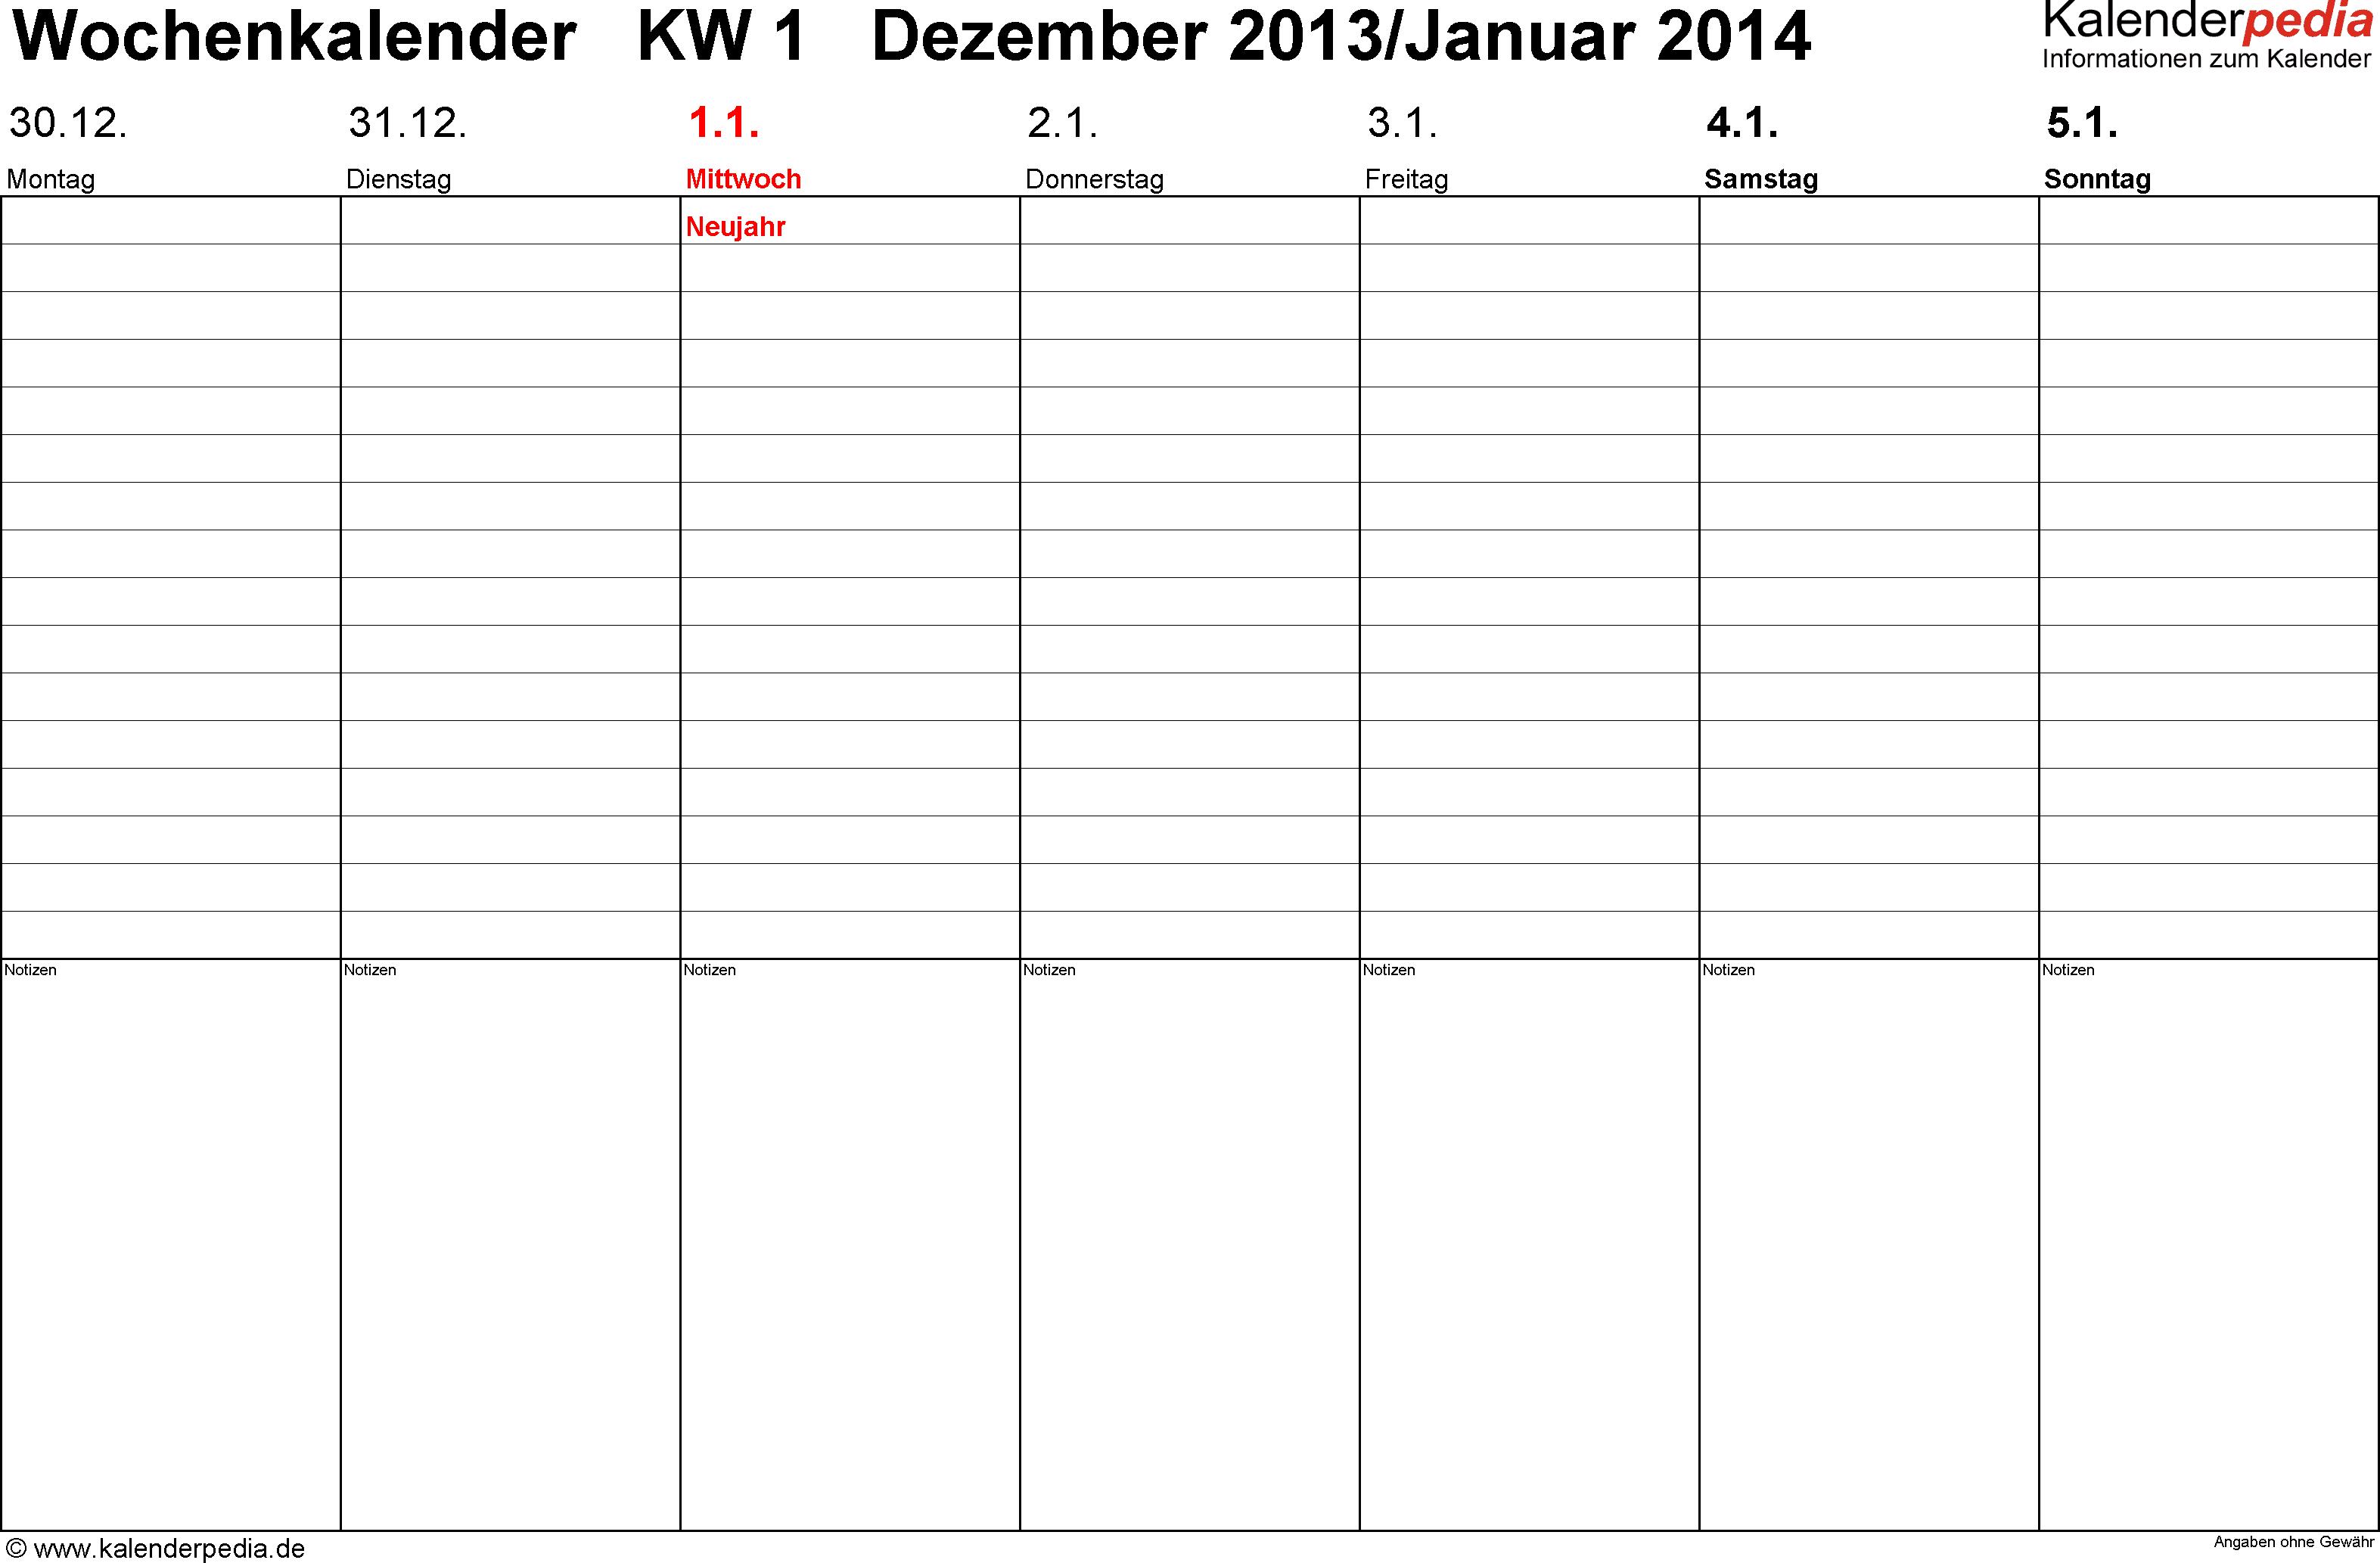 Vorlage 2: Wochenkalender 2014 als Word-Vorlage, Querformat, Tage nebeneinander, 53 Seiten (1 Woche auf 1 Seite)